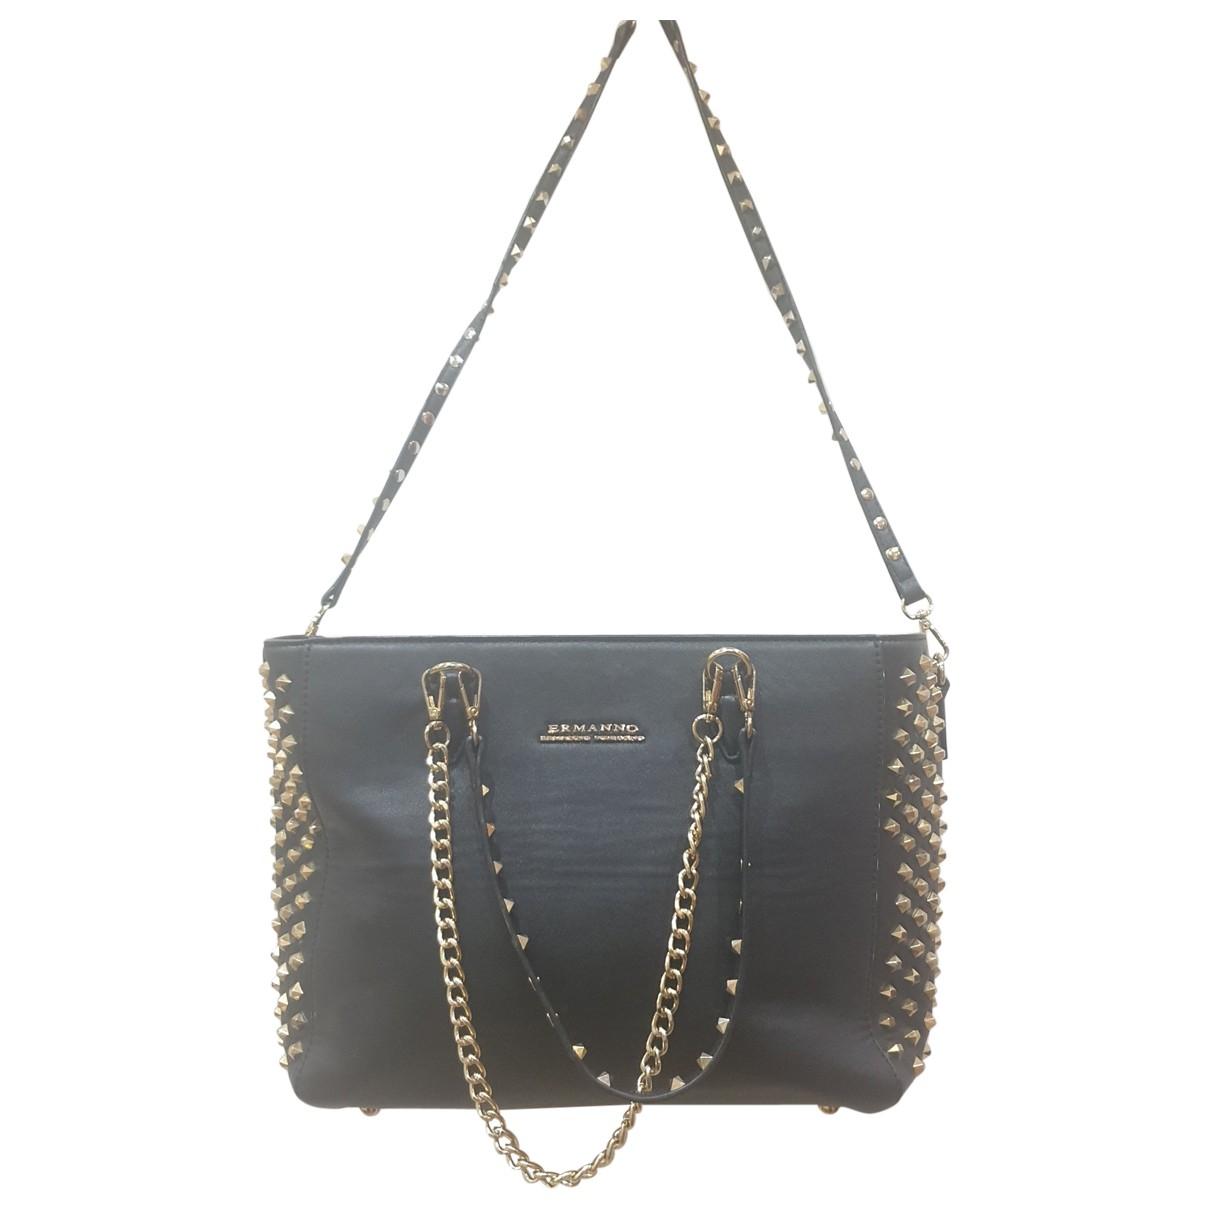 Ermanno Scervino \N Black handbag for Women \N